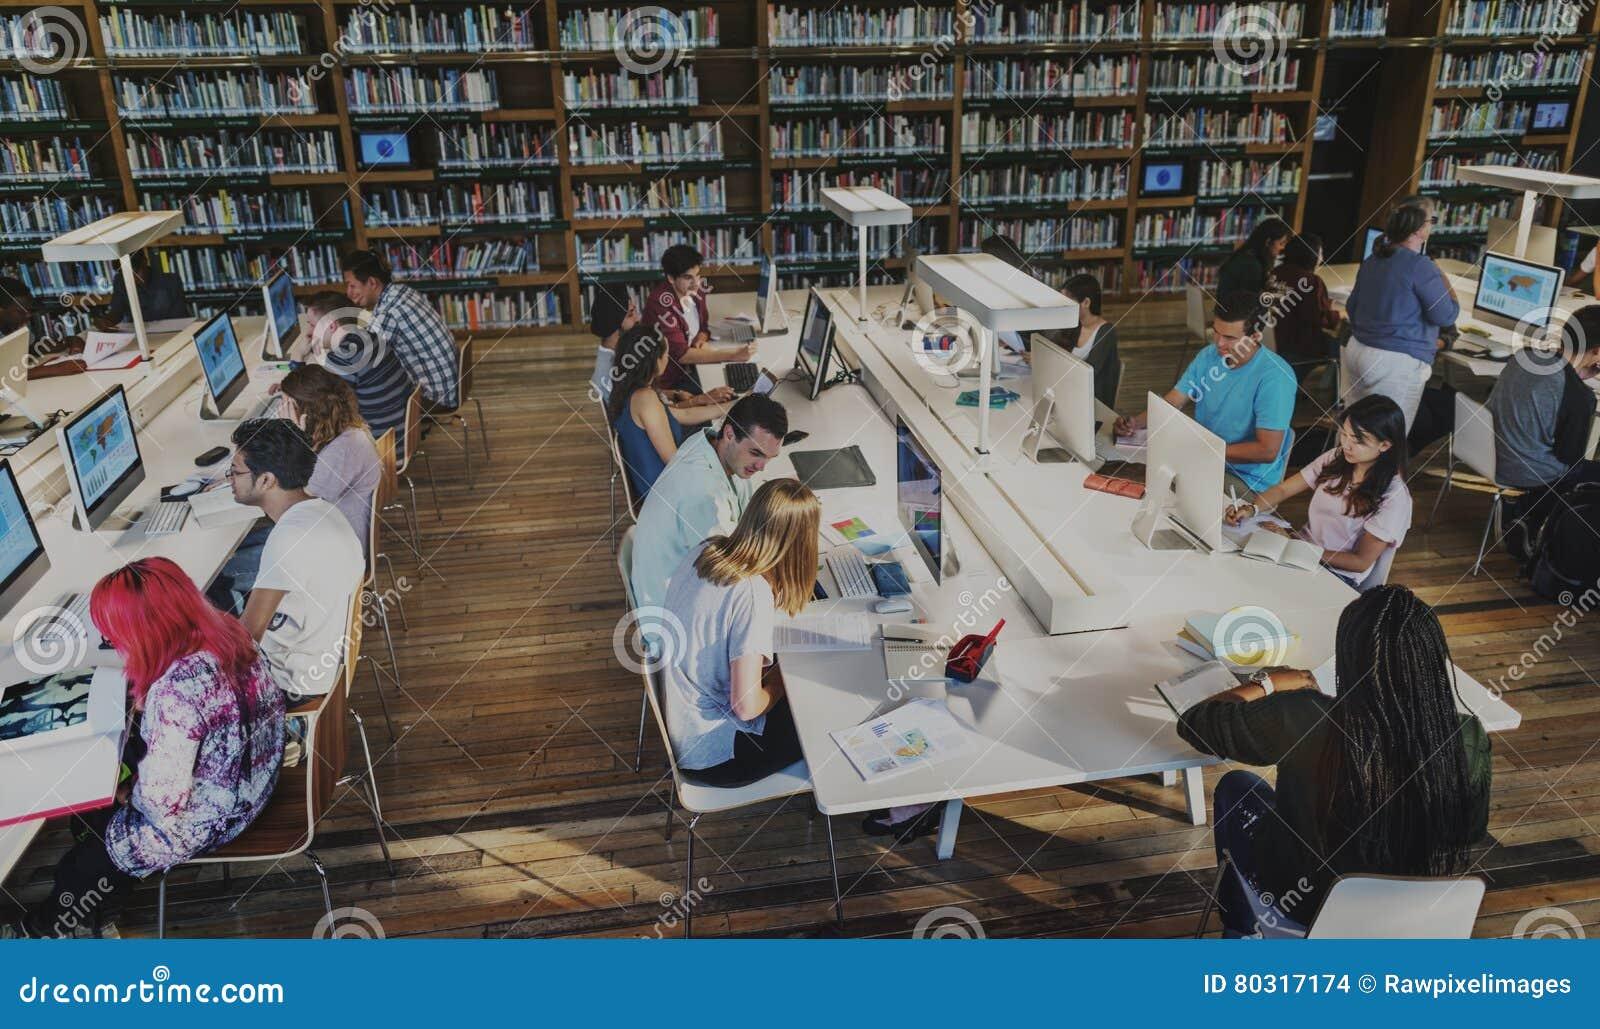 Aprendendo a inspiração da inteligência da biblioteca caçoa o conceito